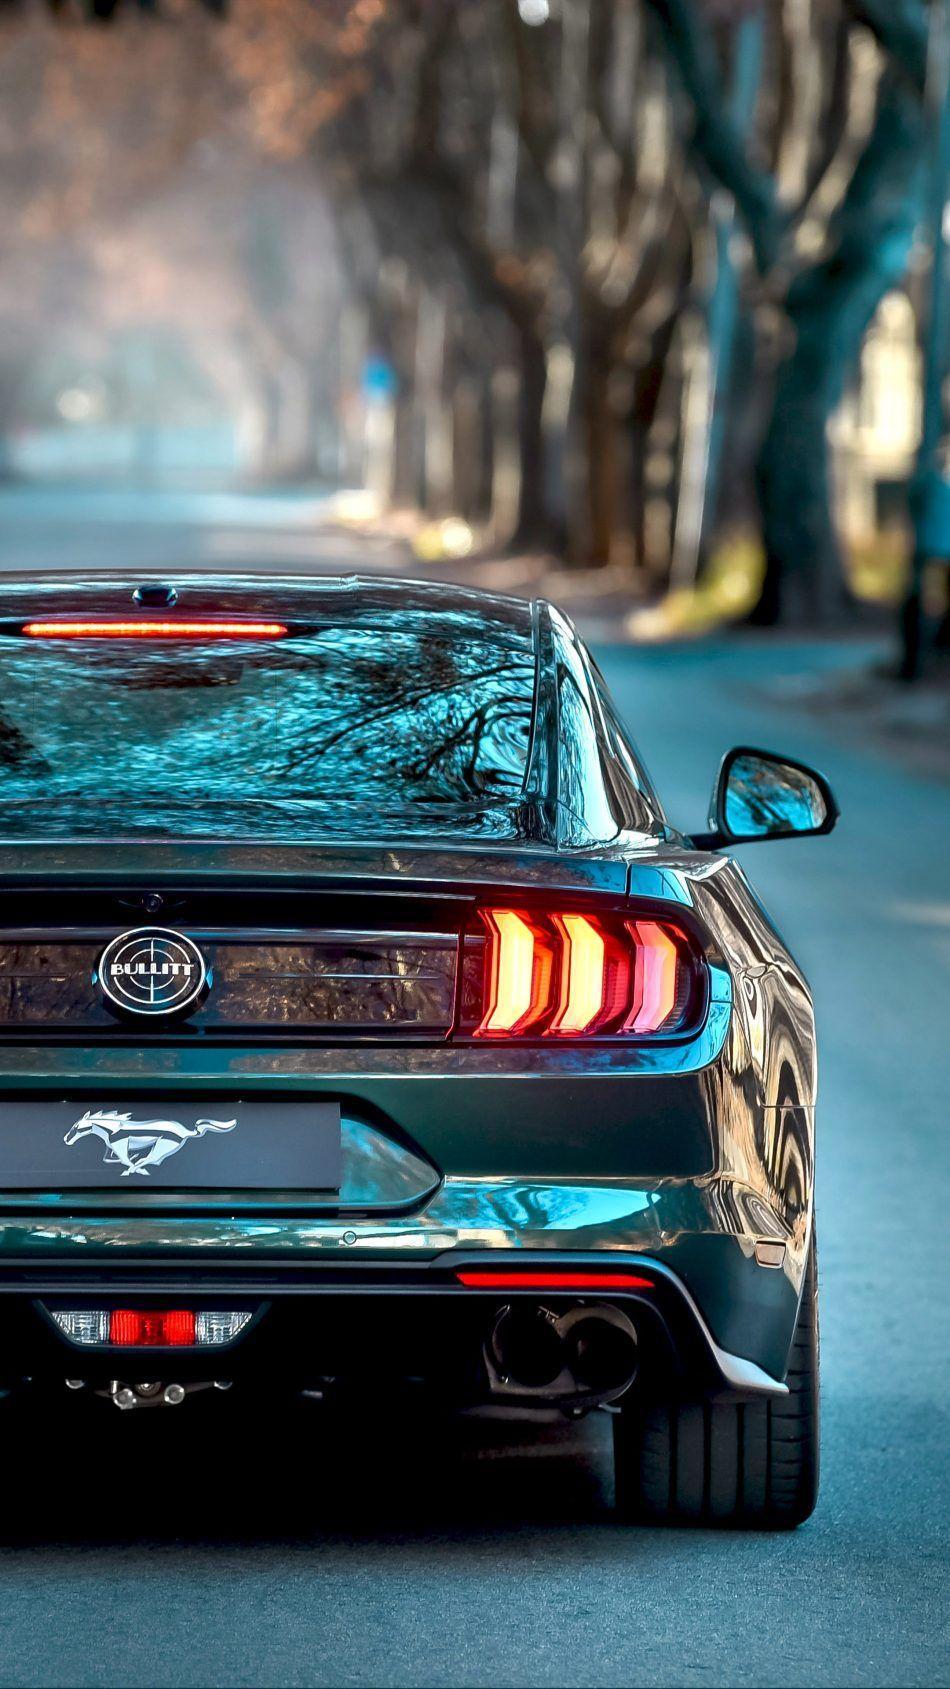 Mustang GT 500 4k iPhone Wallpapers - Wallpaper Cave